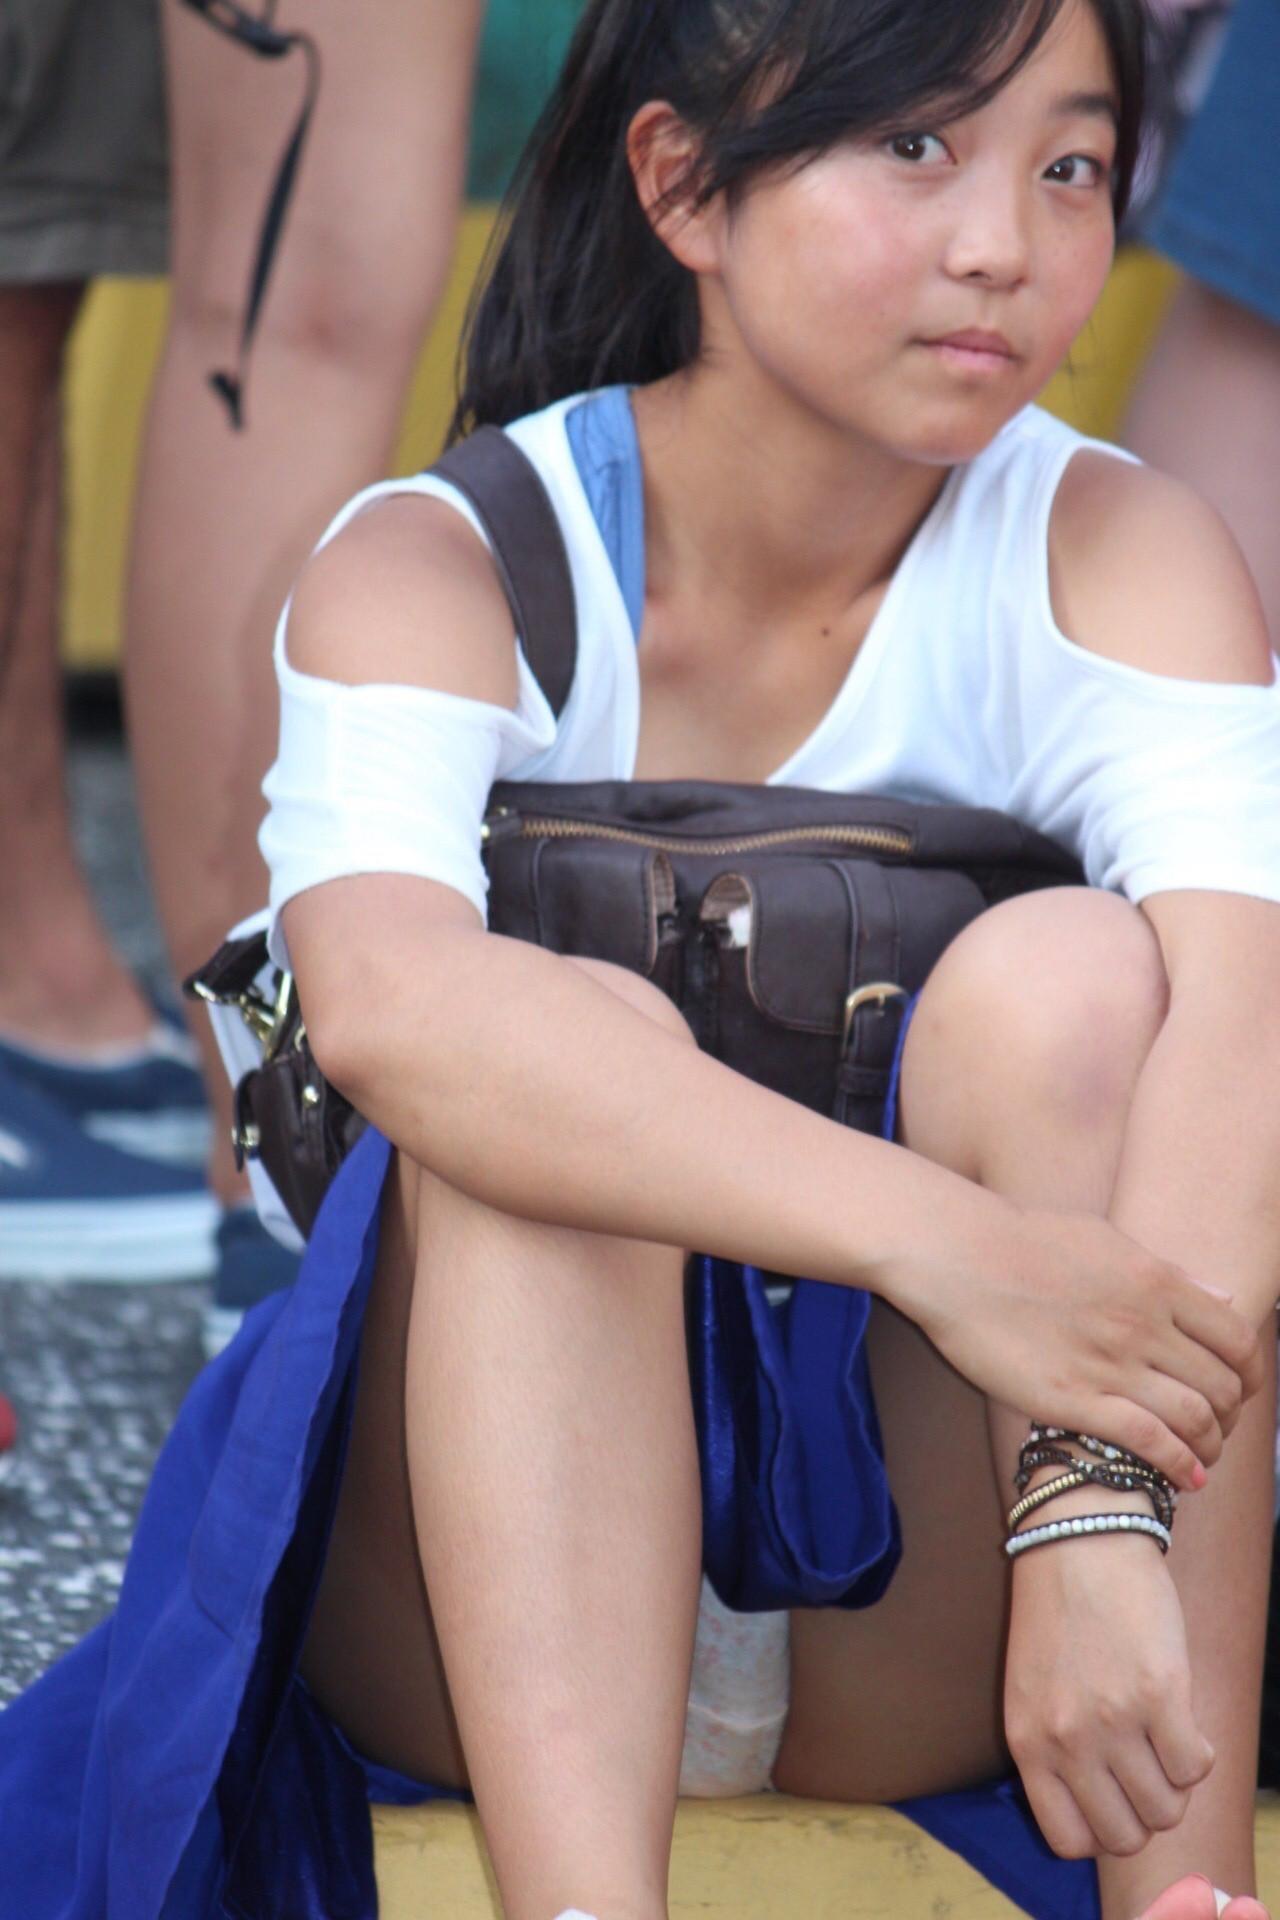 素人の女の子を街撮りしたエロ画像をくださいwwwwwwwwwwwwww eZC1cpU